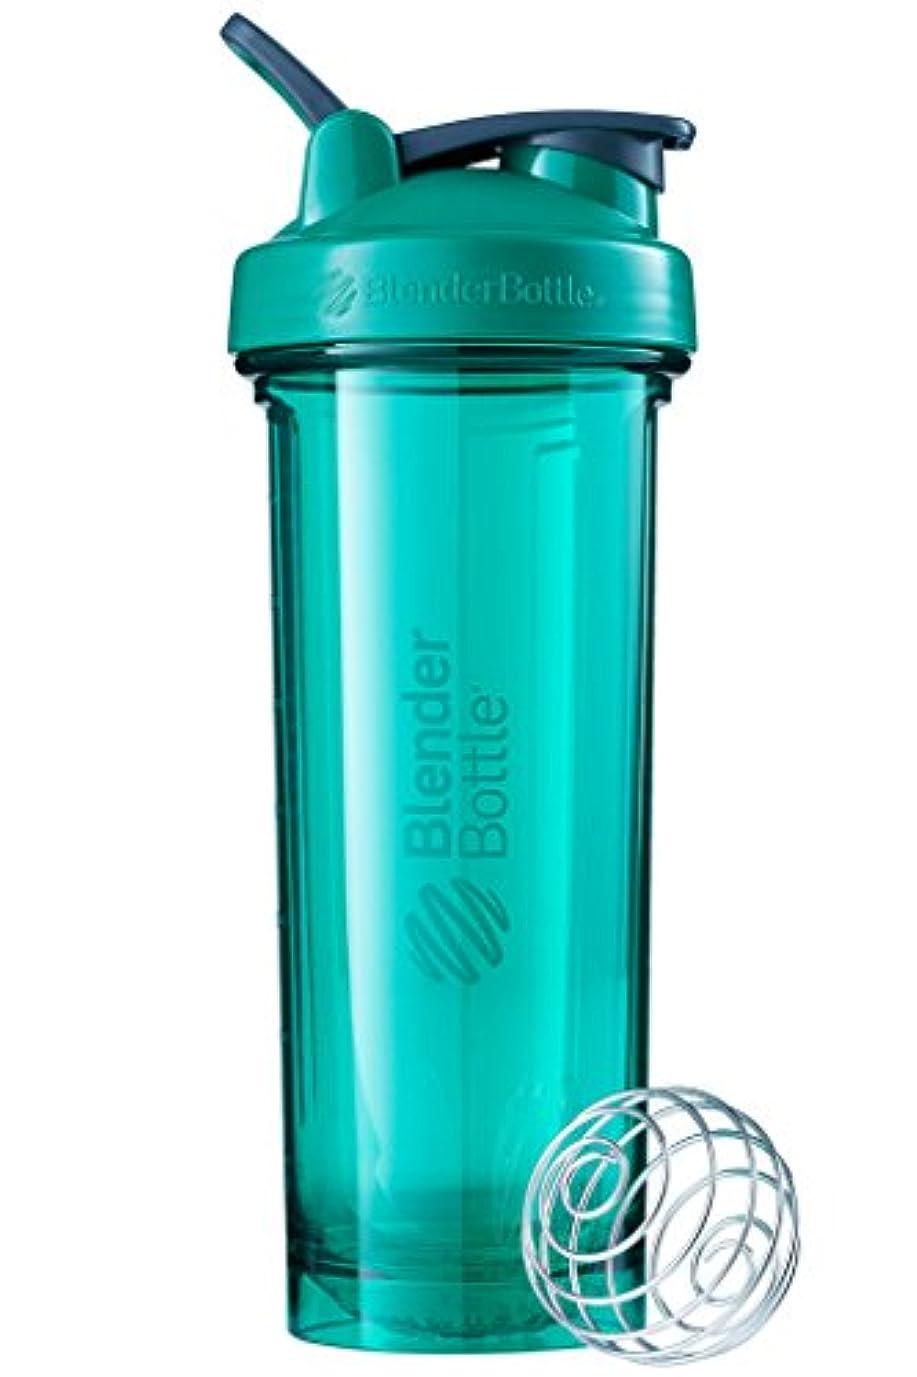 経験的天文学嘆願ブレンダーボトル 【日本正規品】 ミキサー シェーカー ボトル Pro32 32オンス (940ml) エメラルドグリーン BBPRO32 EGR